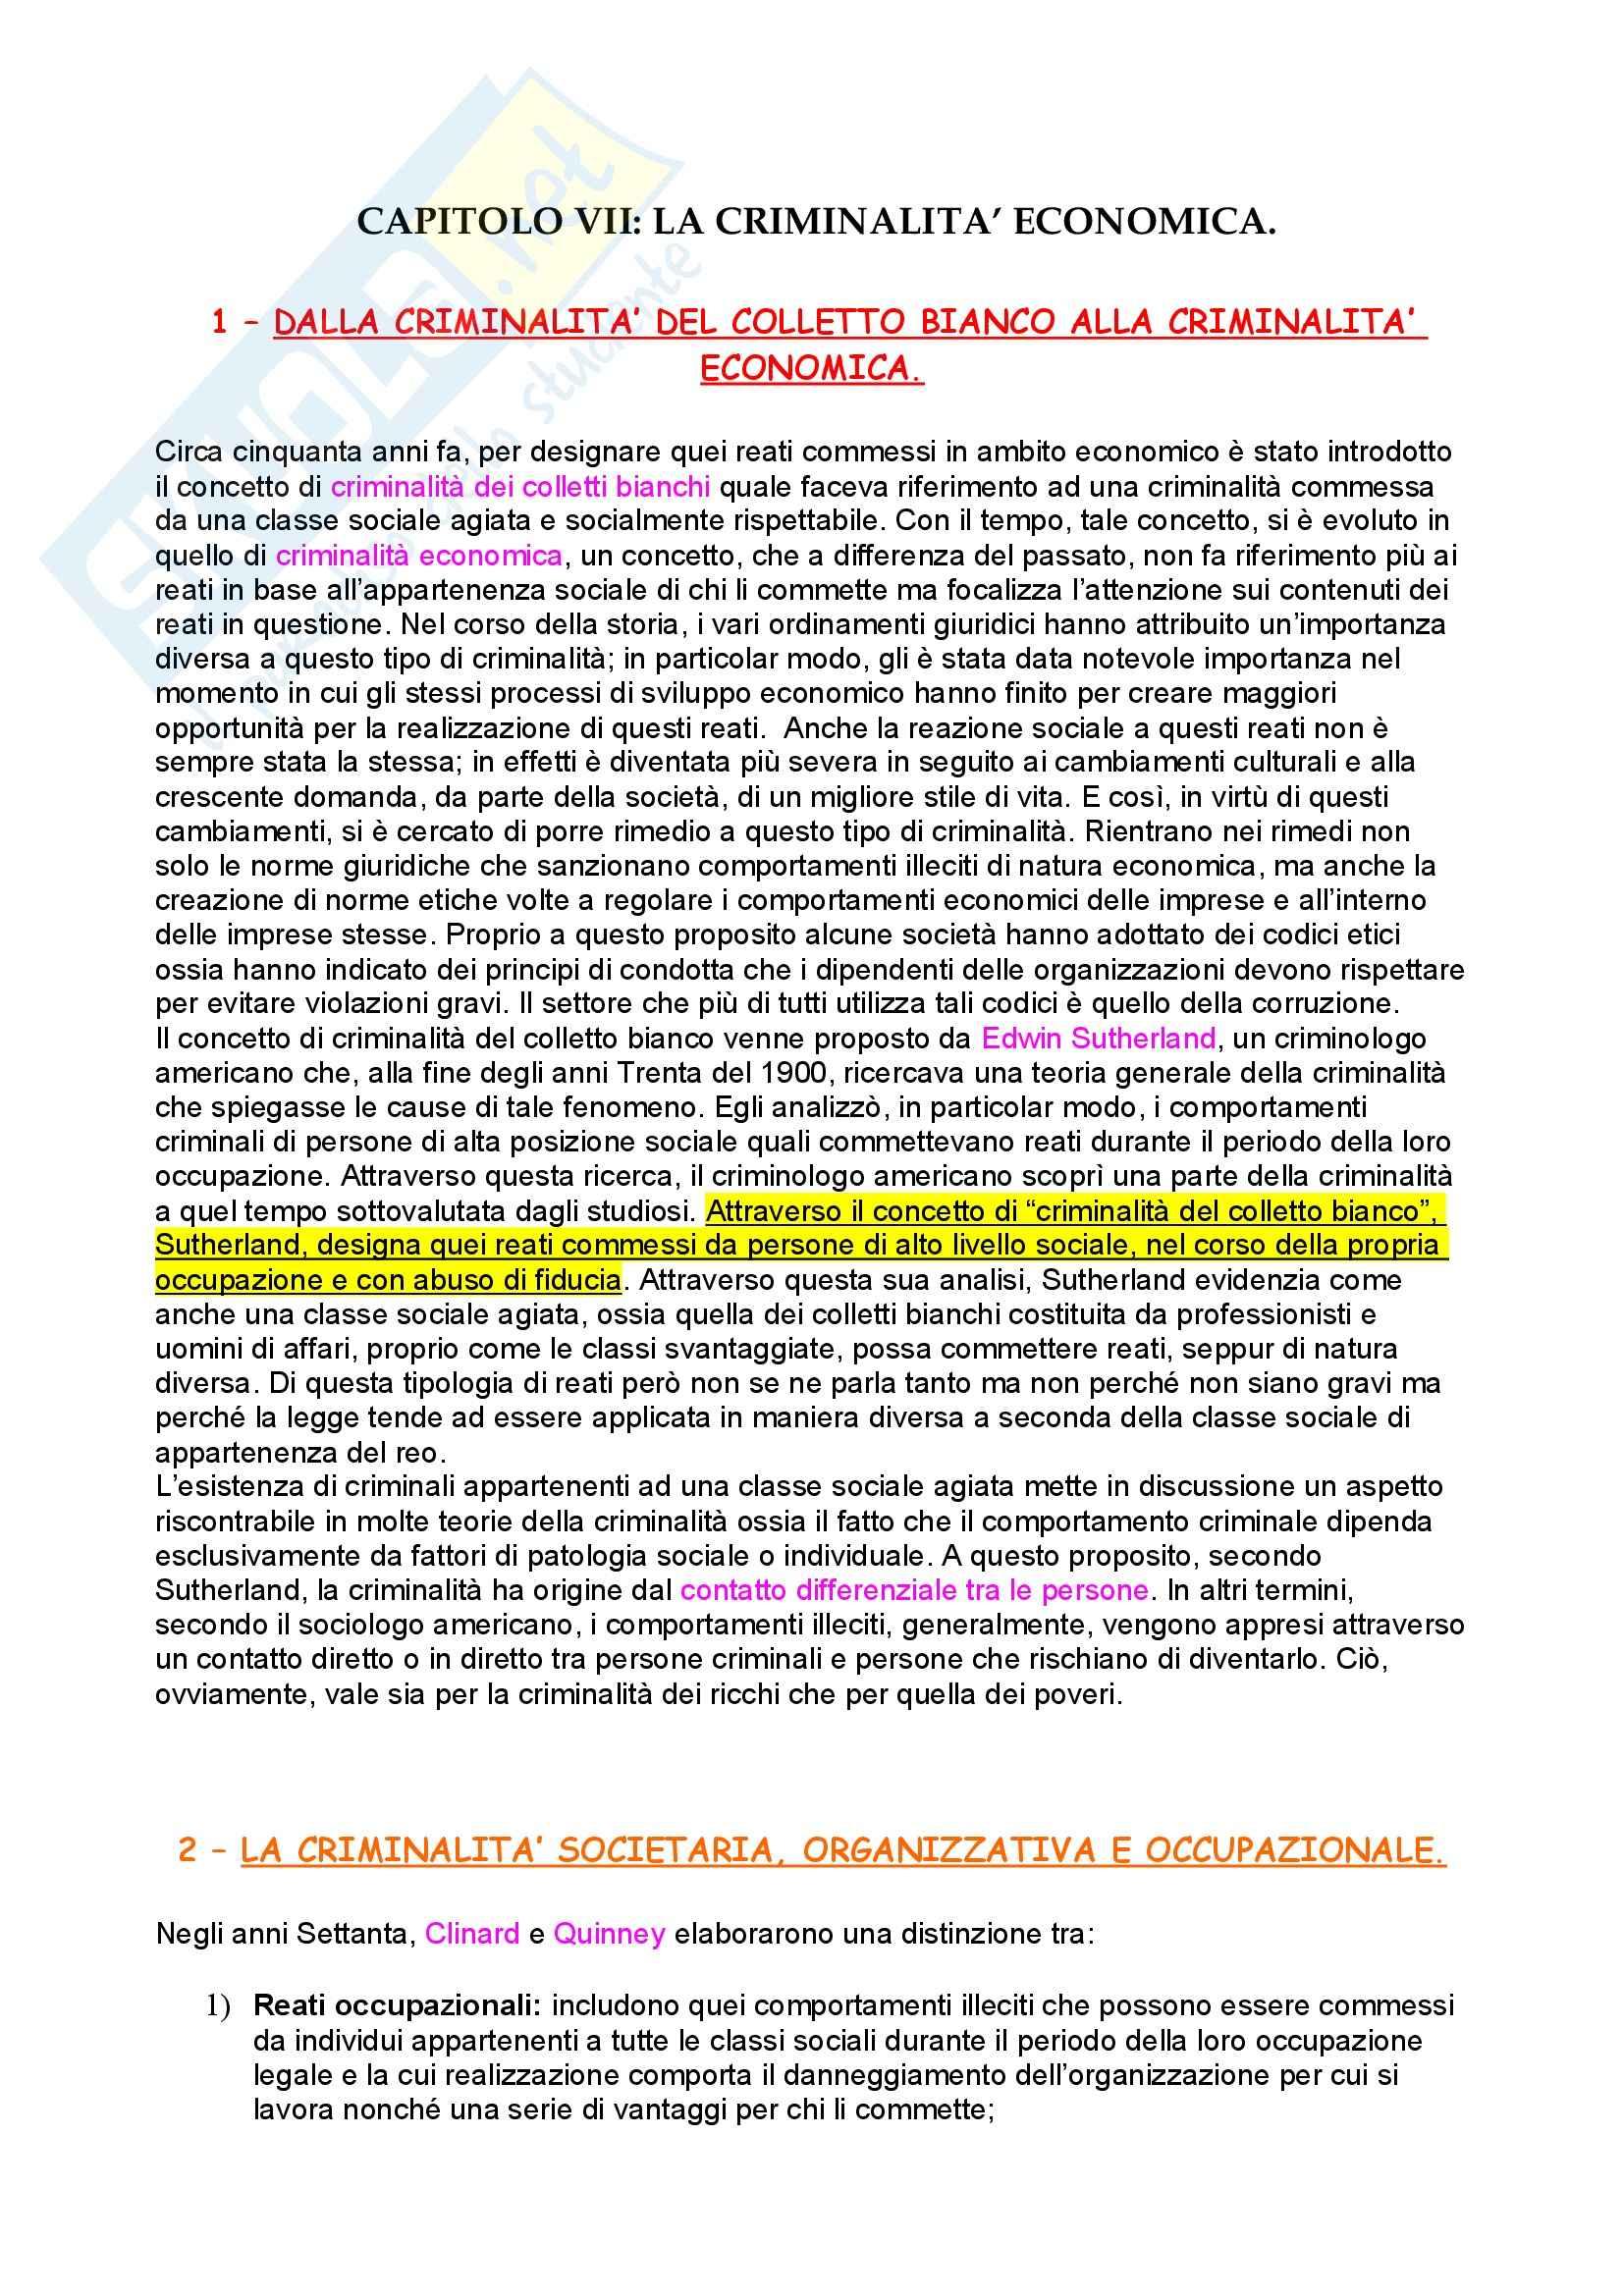 Sociologia criminale – Sociologia della devianza – Criminalità economica